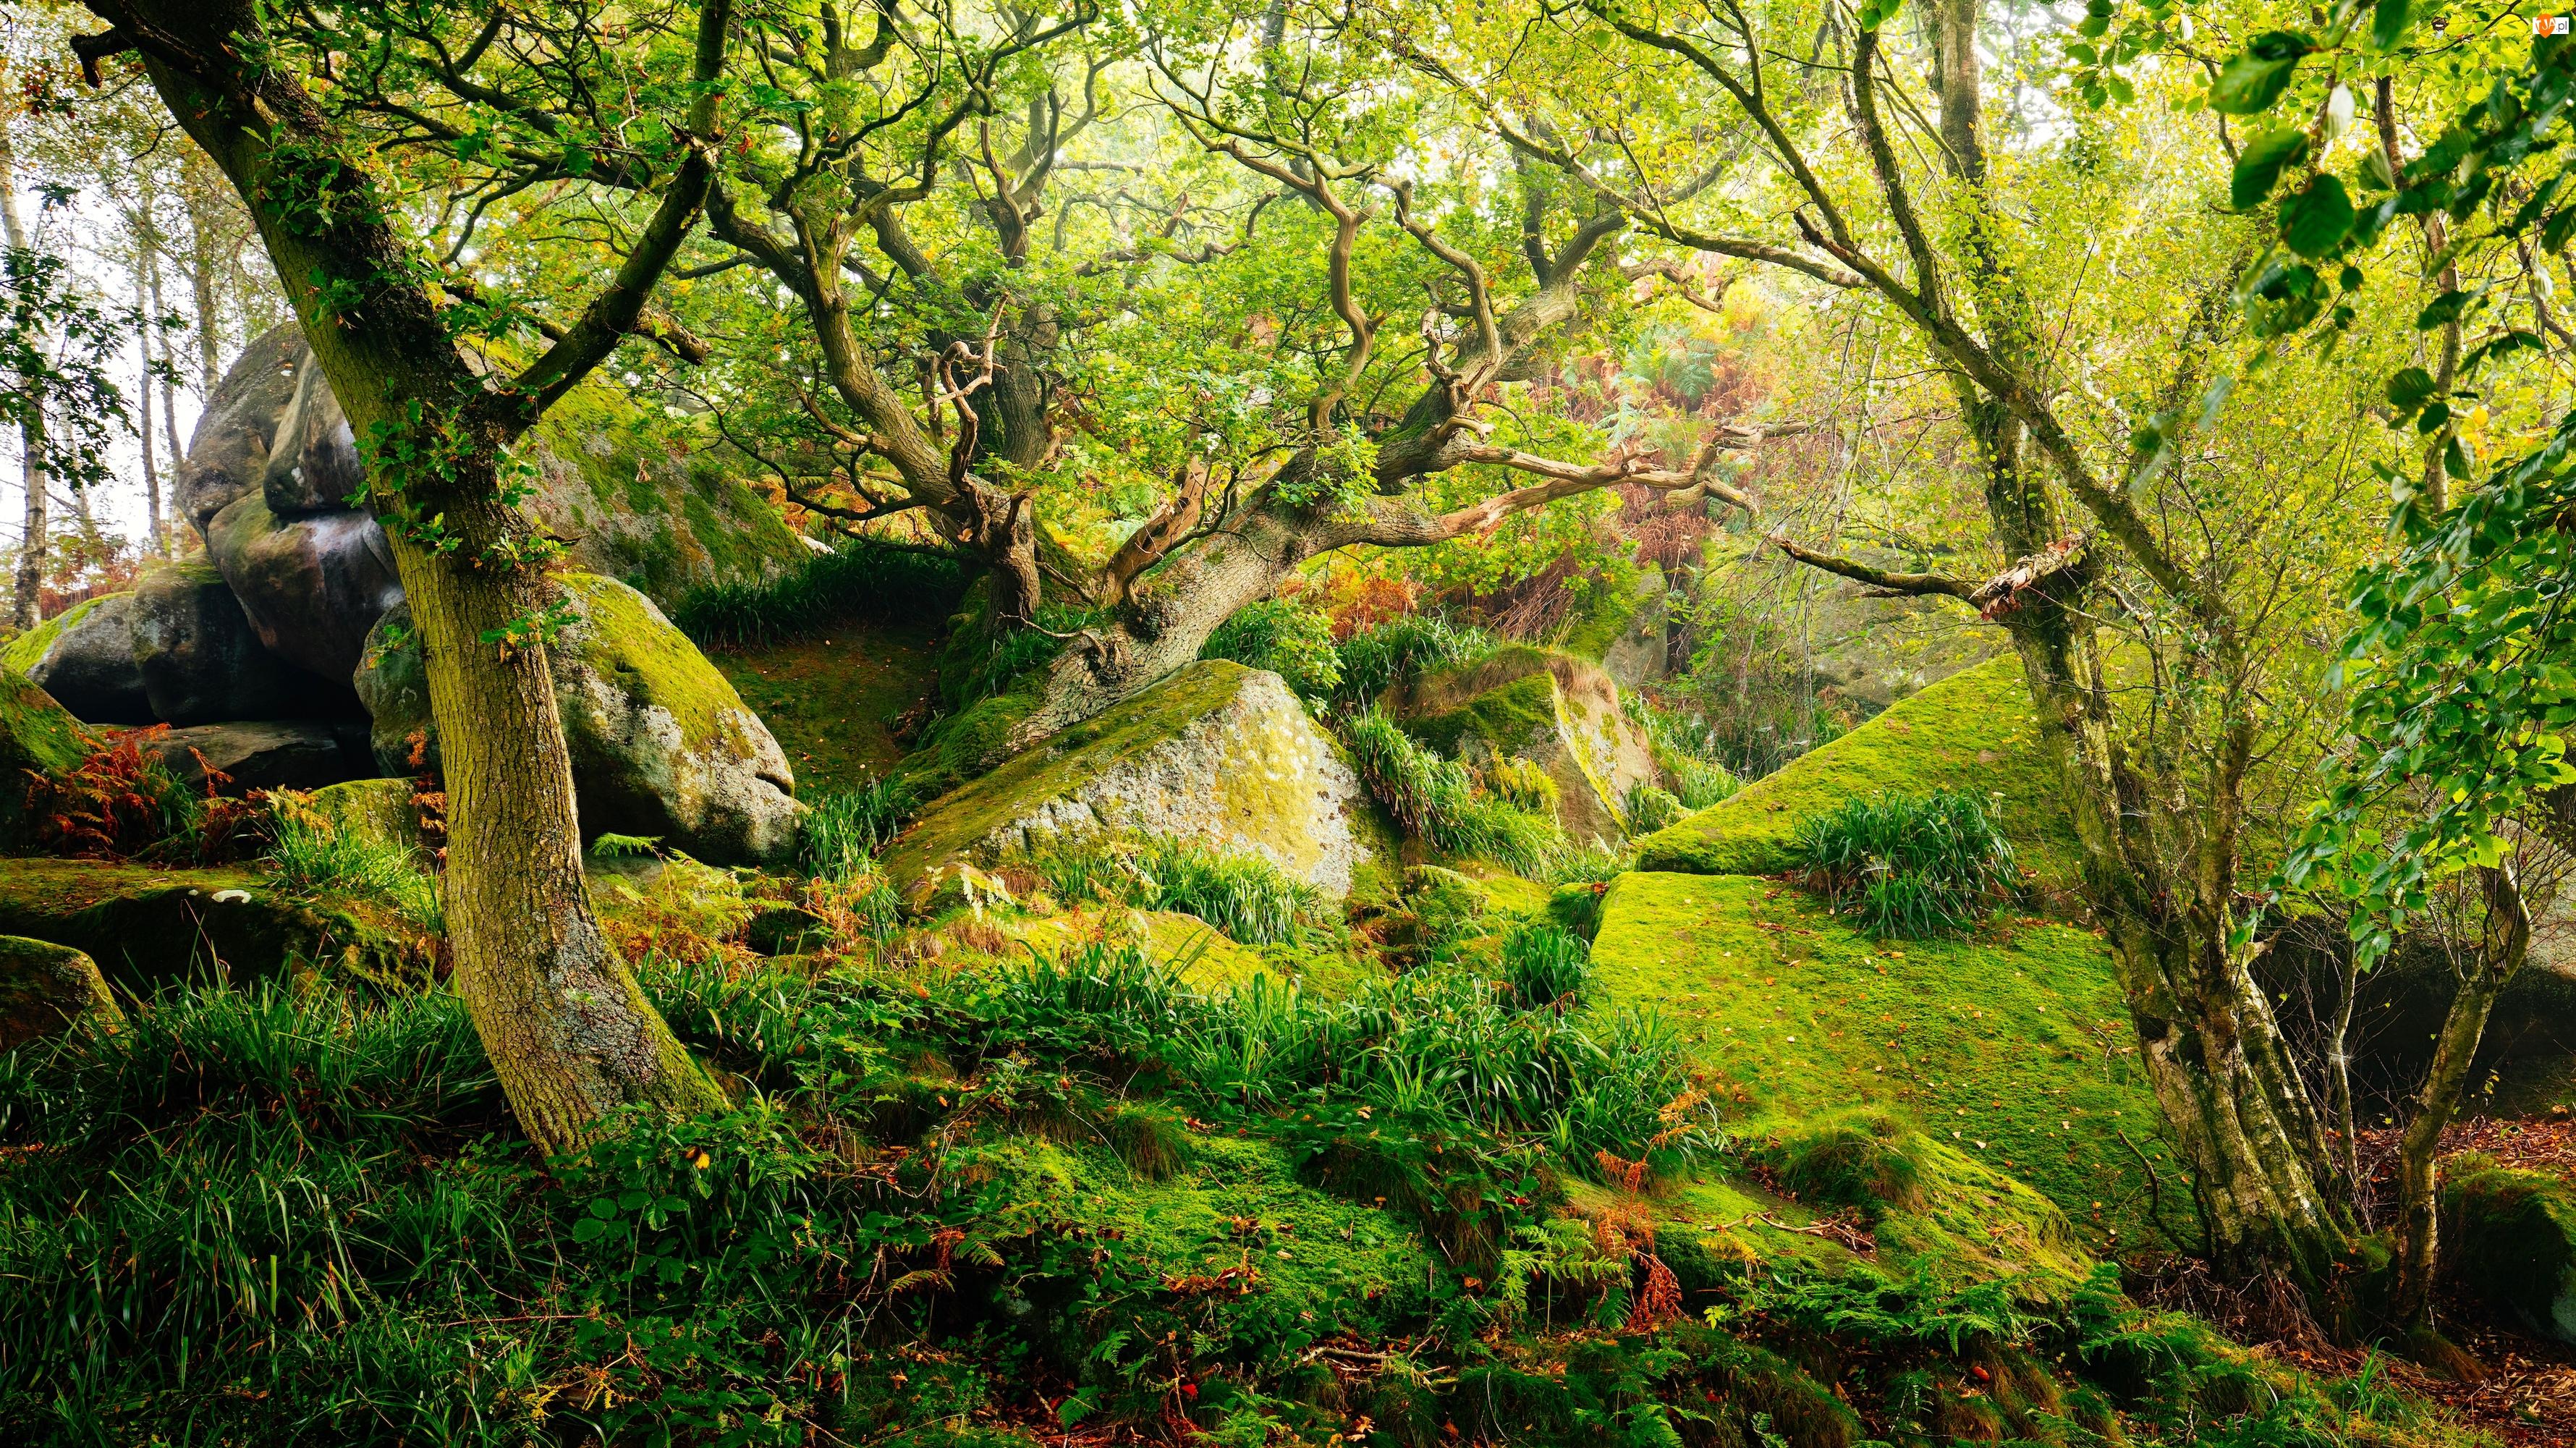 Park Narodowy Peak District, Las, Mech, Hrabstwo Derbyshire, Drzewa, Kamienie, Anglia, Trawa